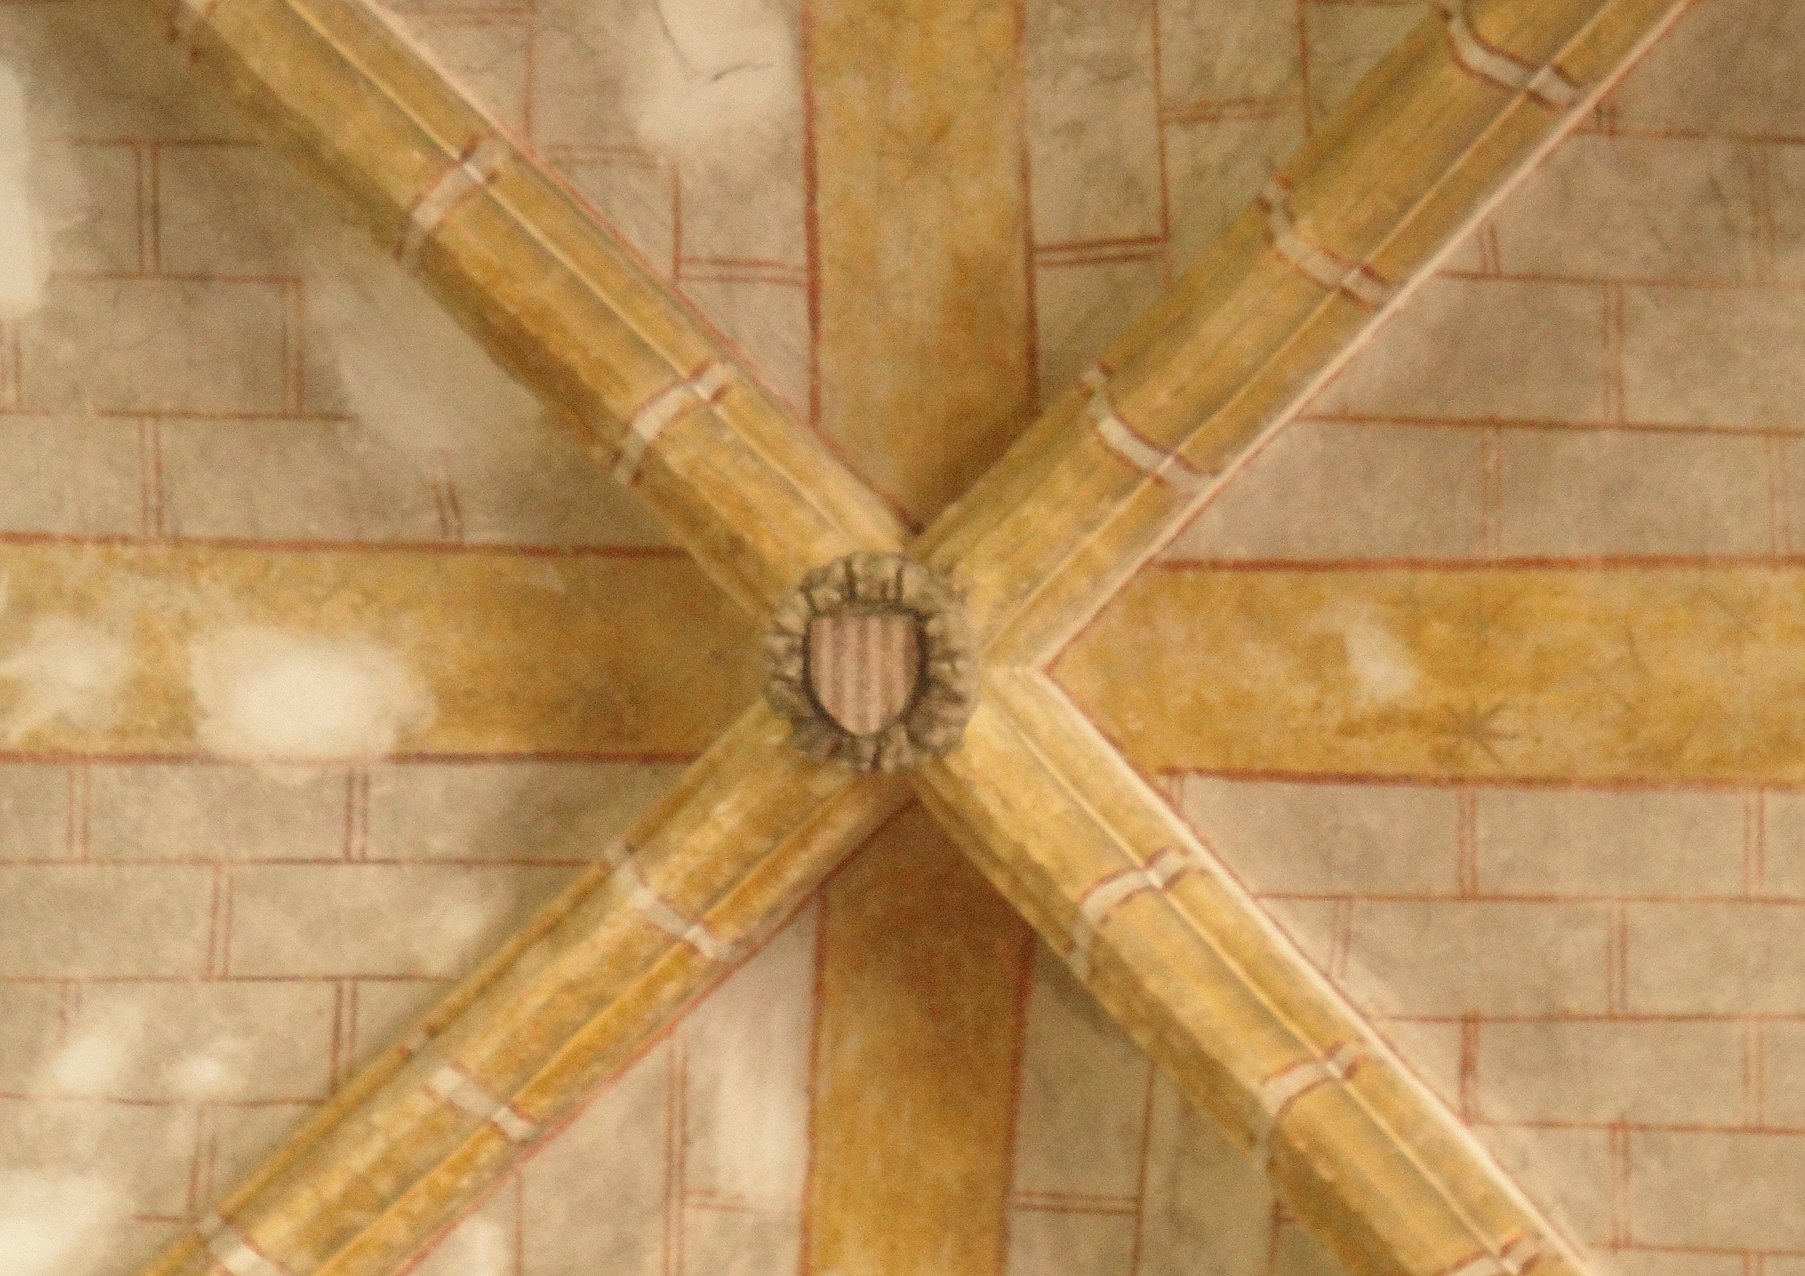 07.09.2011 Clau de volta localitzada en una de les capelles annexes al claustre dels Jacobins. En ella podem veure les 4 barres.  Tolosa del Lleguadoc -  Jordi Bibià